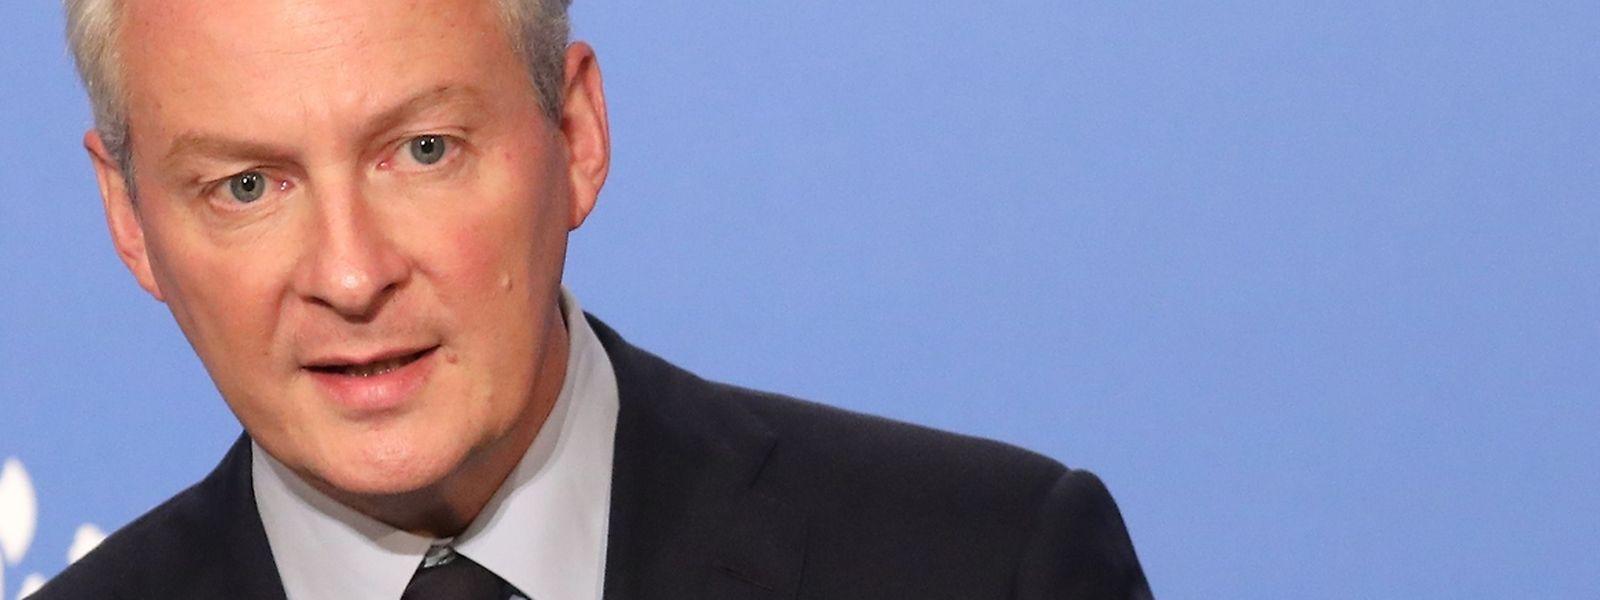 Der französische Wirtschaftsminister  Bruno Le Maire verspricht sich vom dem Gesetz mit 70 Einzelartikeln auf längere Sicht mehr Wirtschaftswachstum.